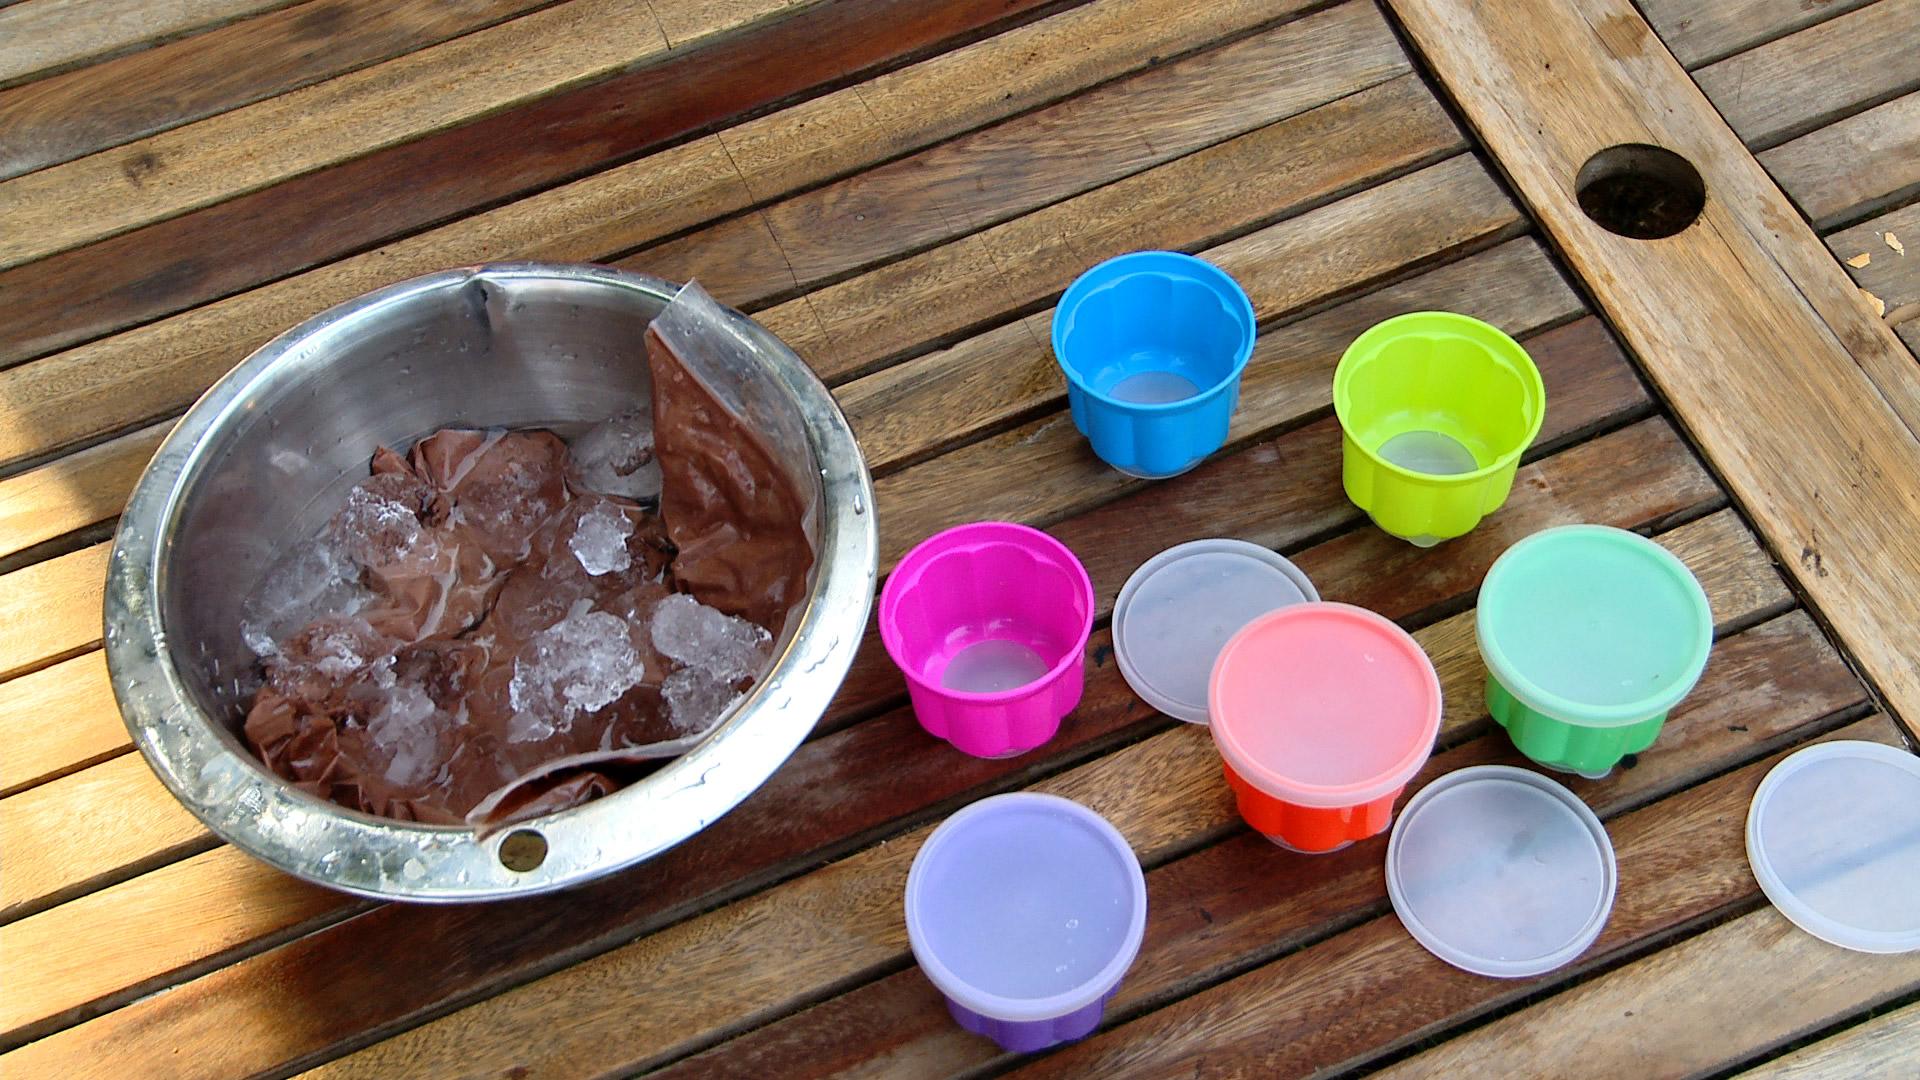 Cuando hace calor nada más entretenido que preparar helados caseros, es una actividad diferente que podemos hacer en la casa, y después refrescarnos tomando helados en familia o con los amigos. Daremos una receta de helado de chocolate y otra para hacer un helado de fruta.